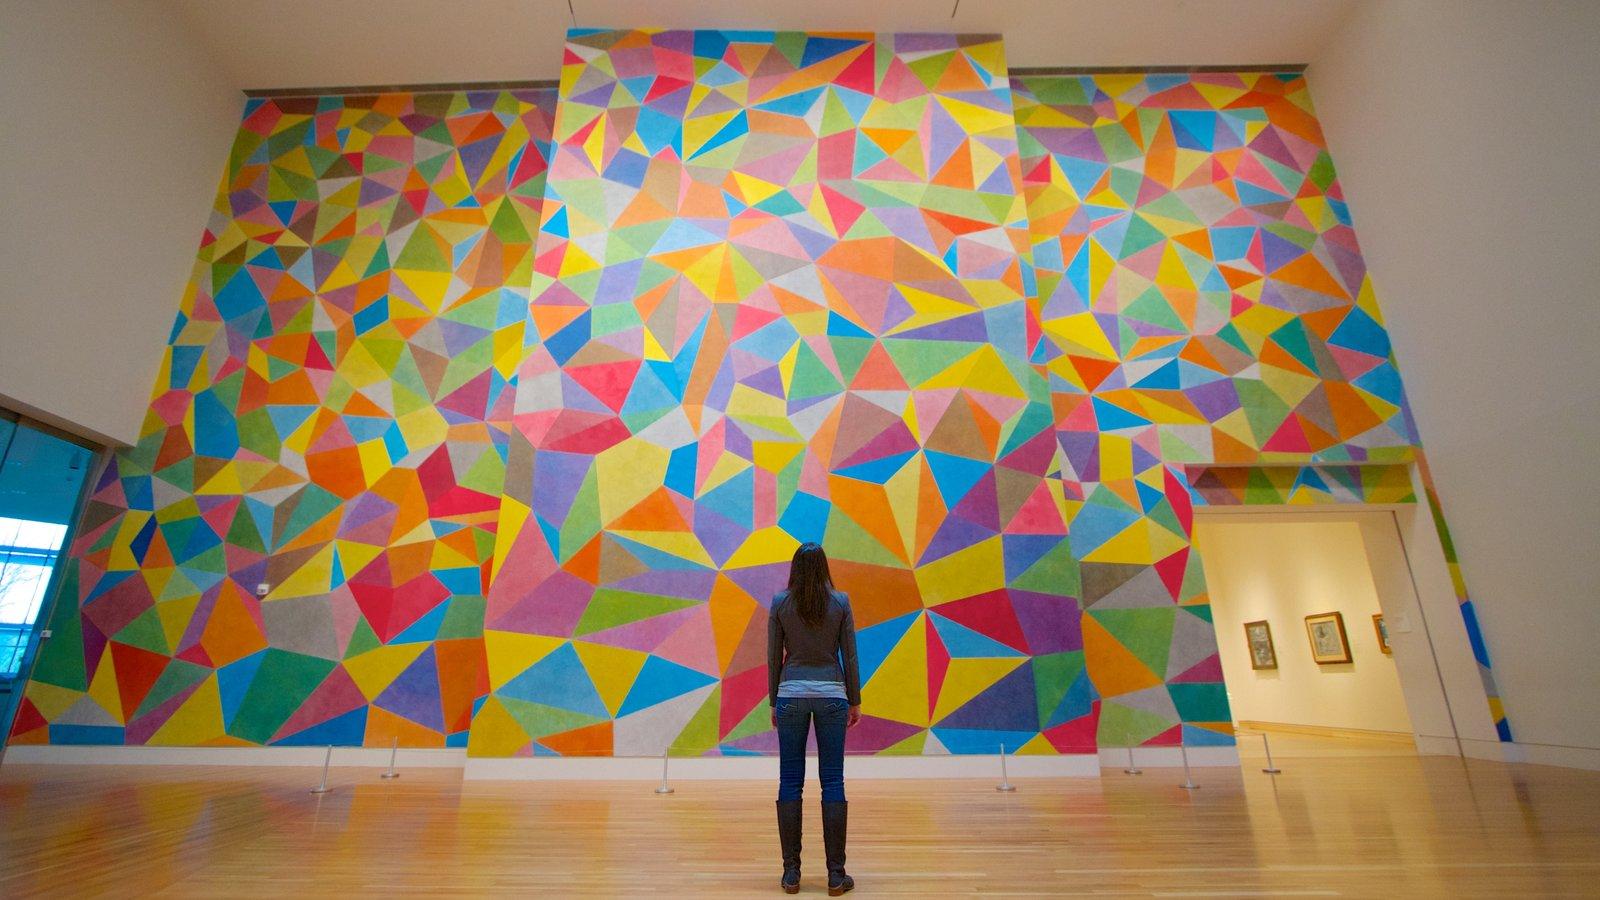 Indianapolis Museum of Art ofreciendo vistas interiores y también una mujer